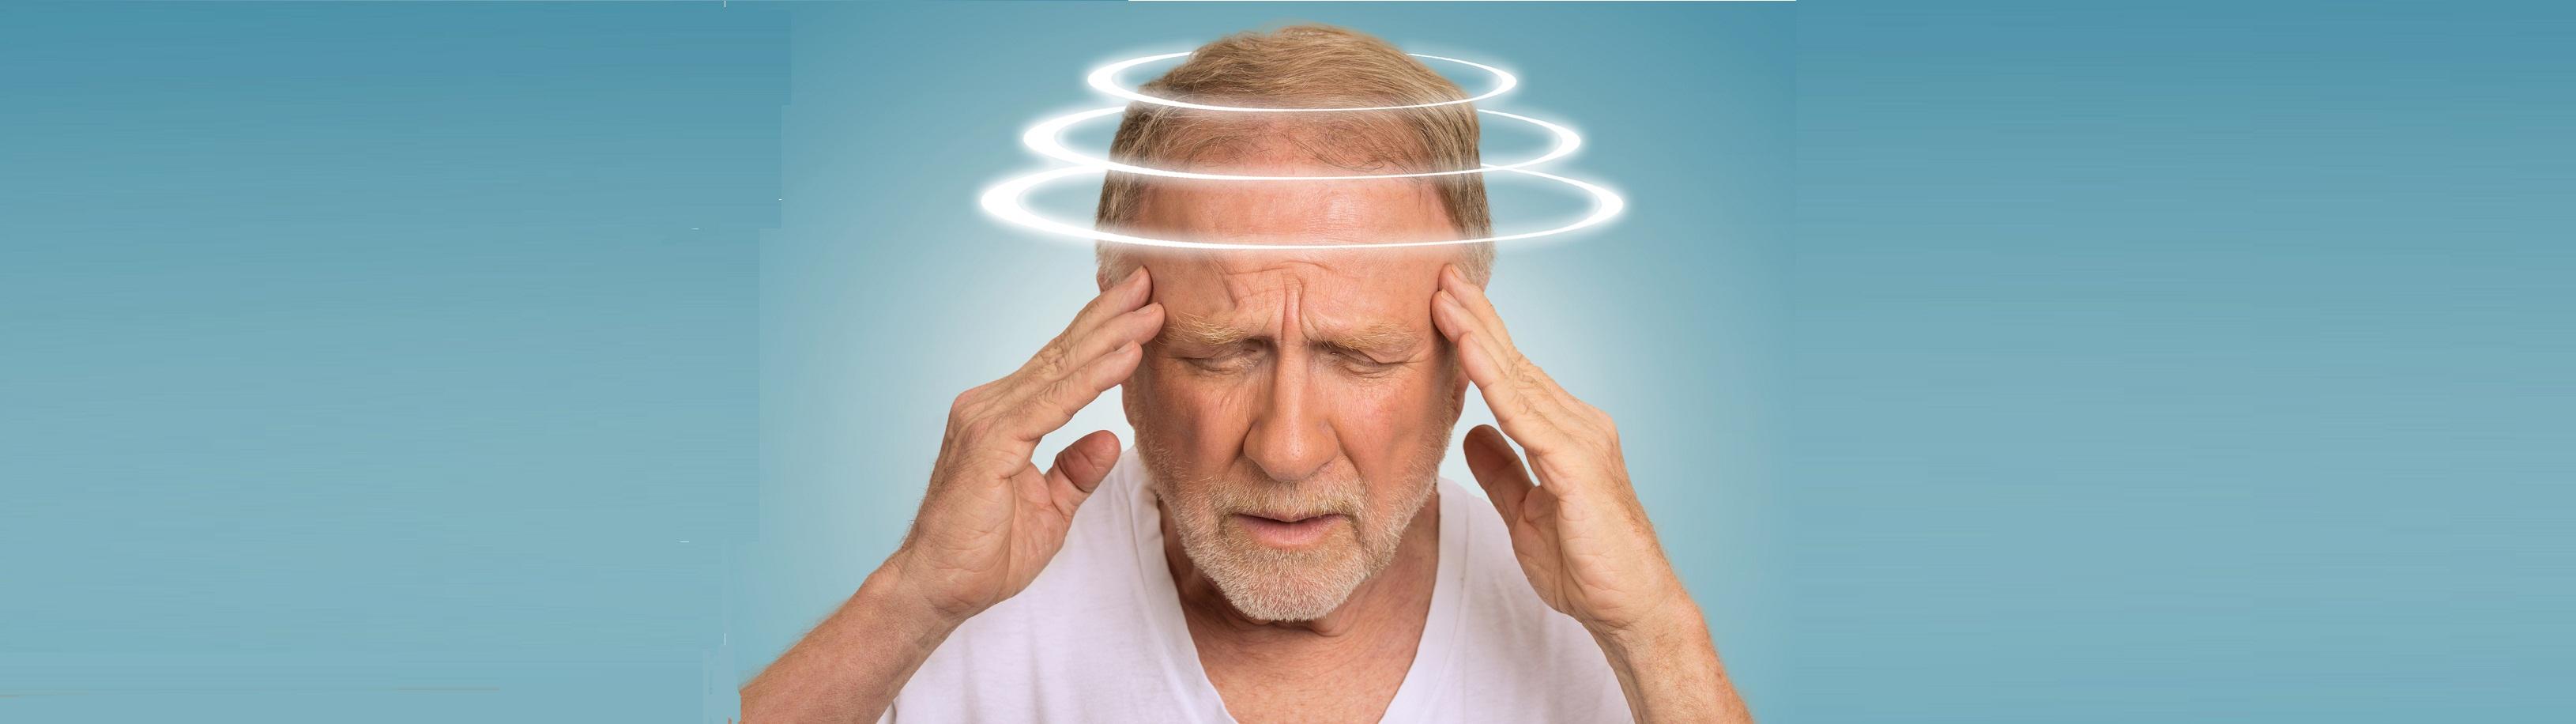 точечный массаж при головокружении